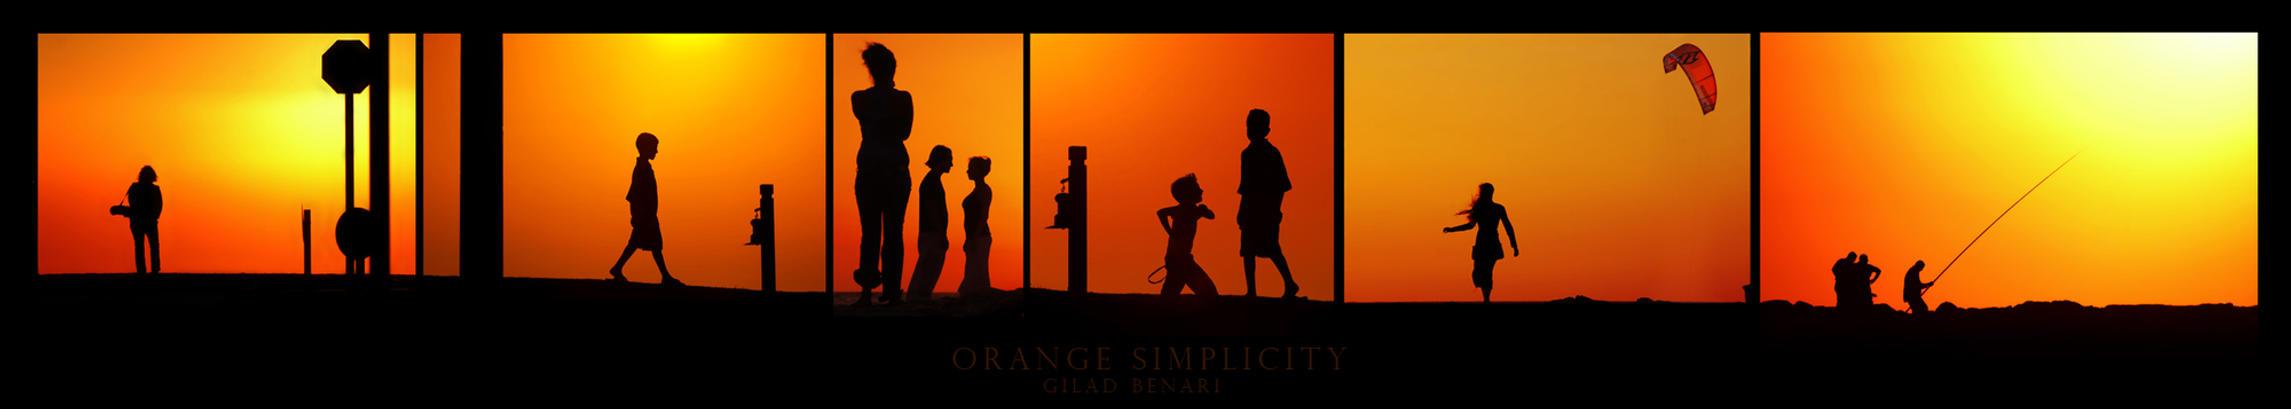 Orange Simplicity by gilad